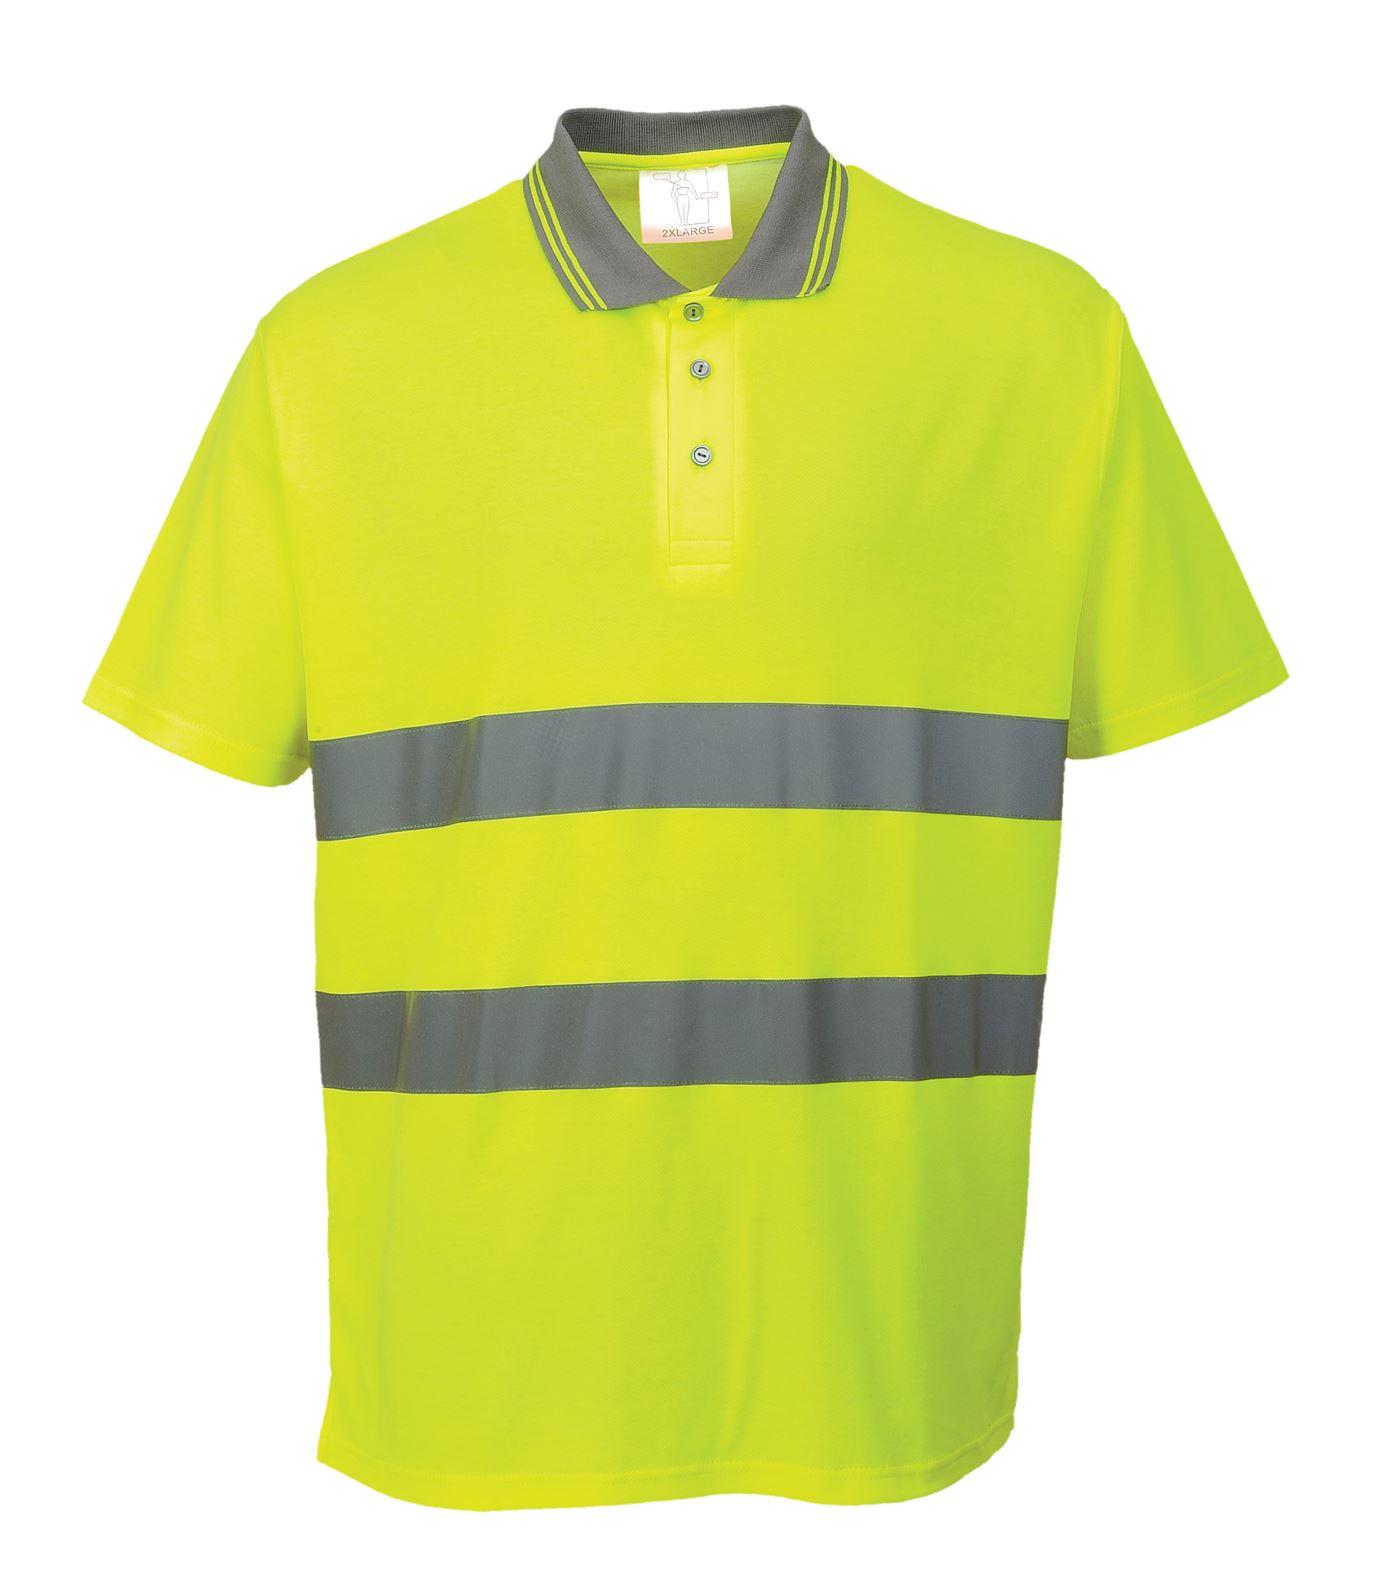 Portwest hi vis cotton comfort safety polo shirt high for Hi vis safety shirts